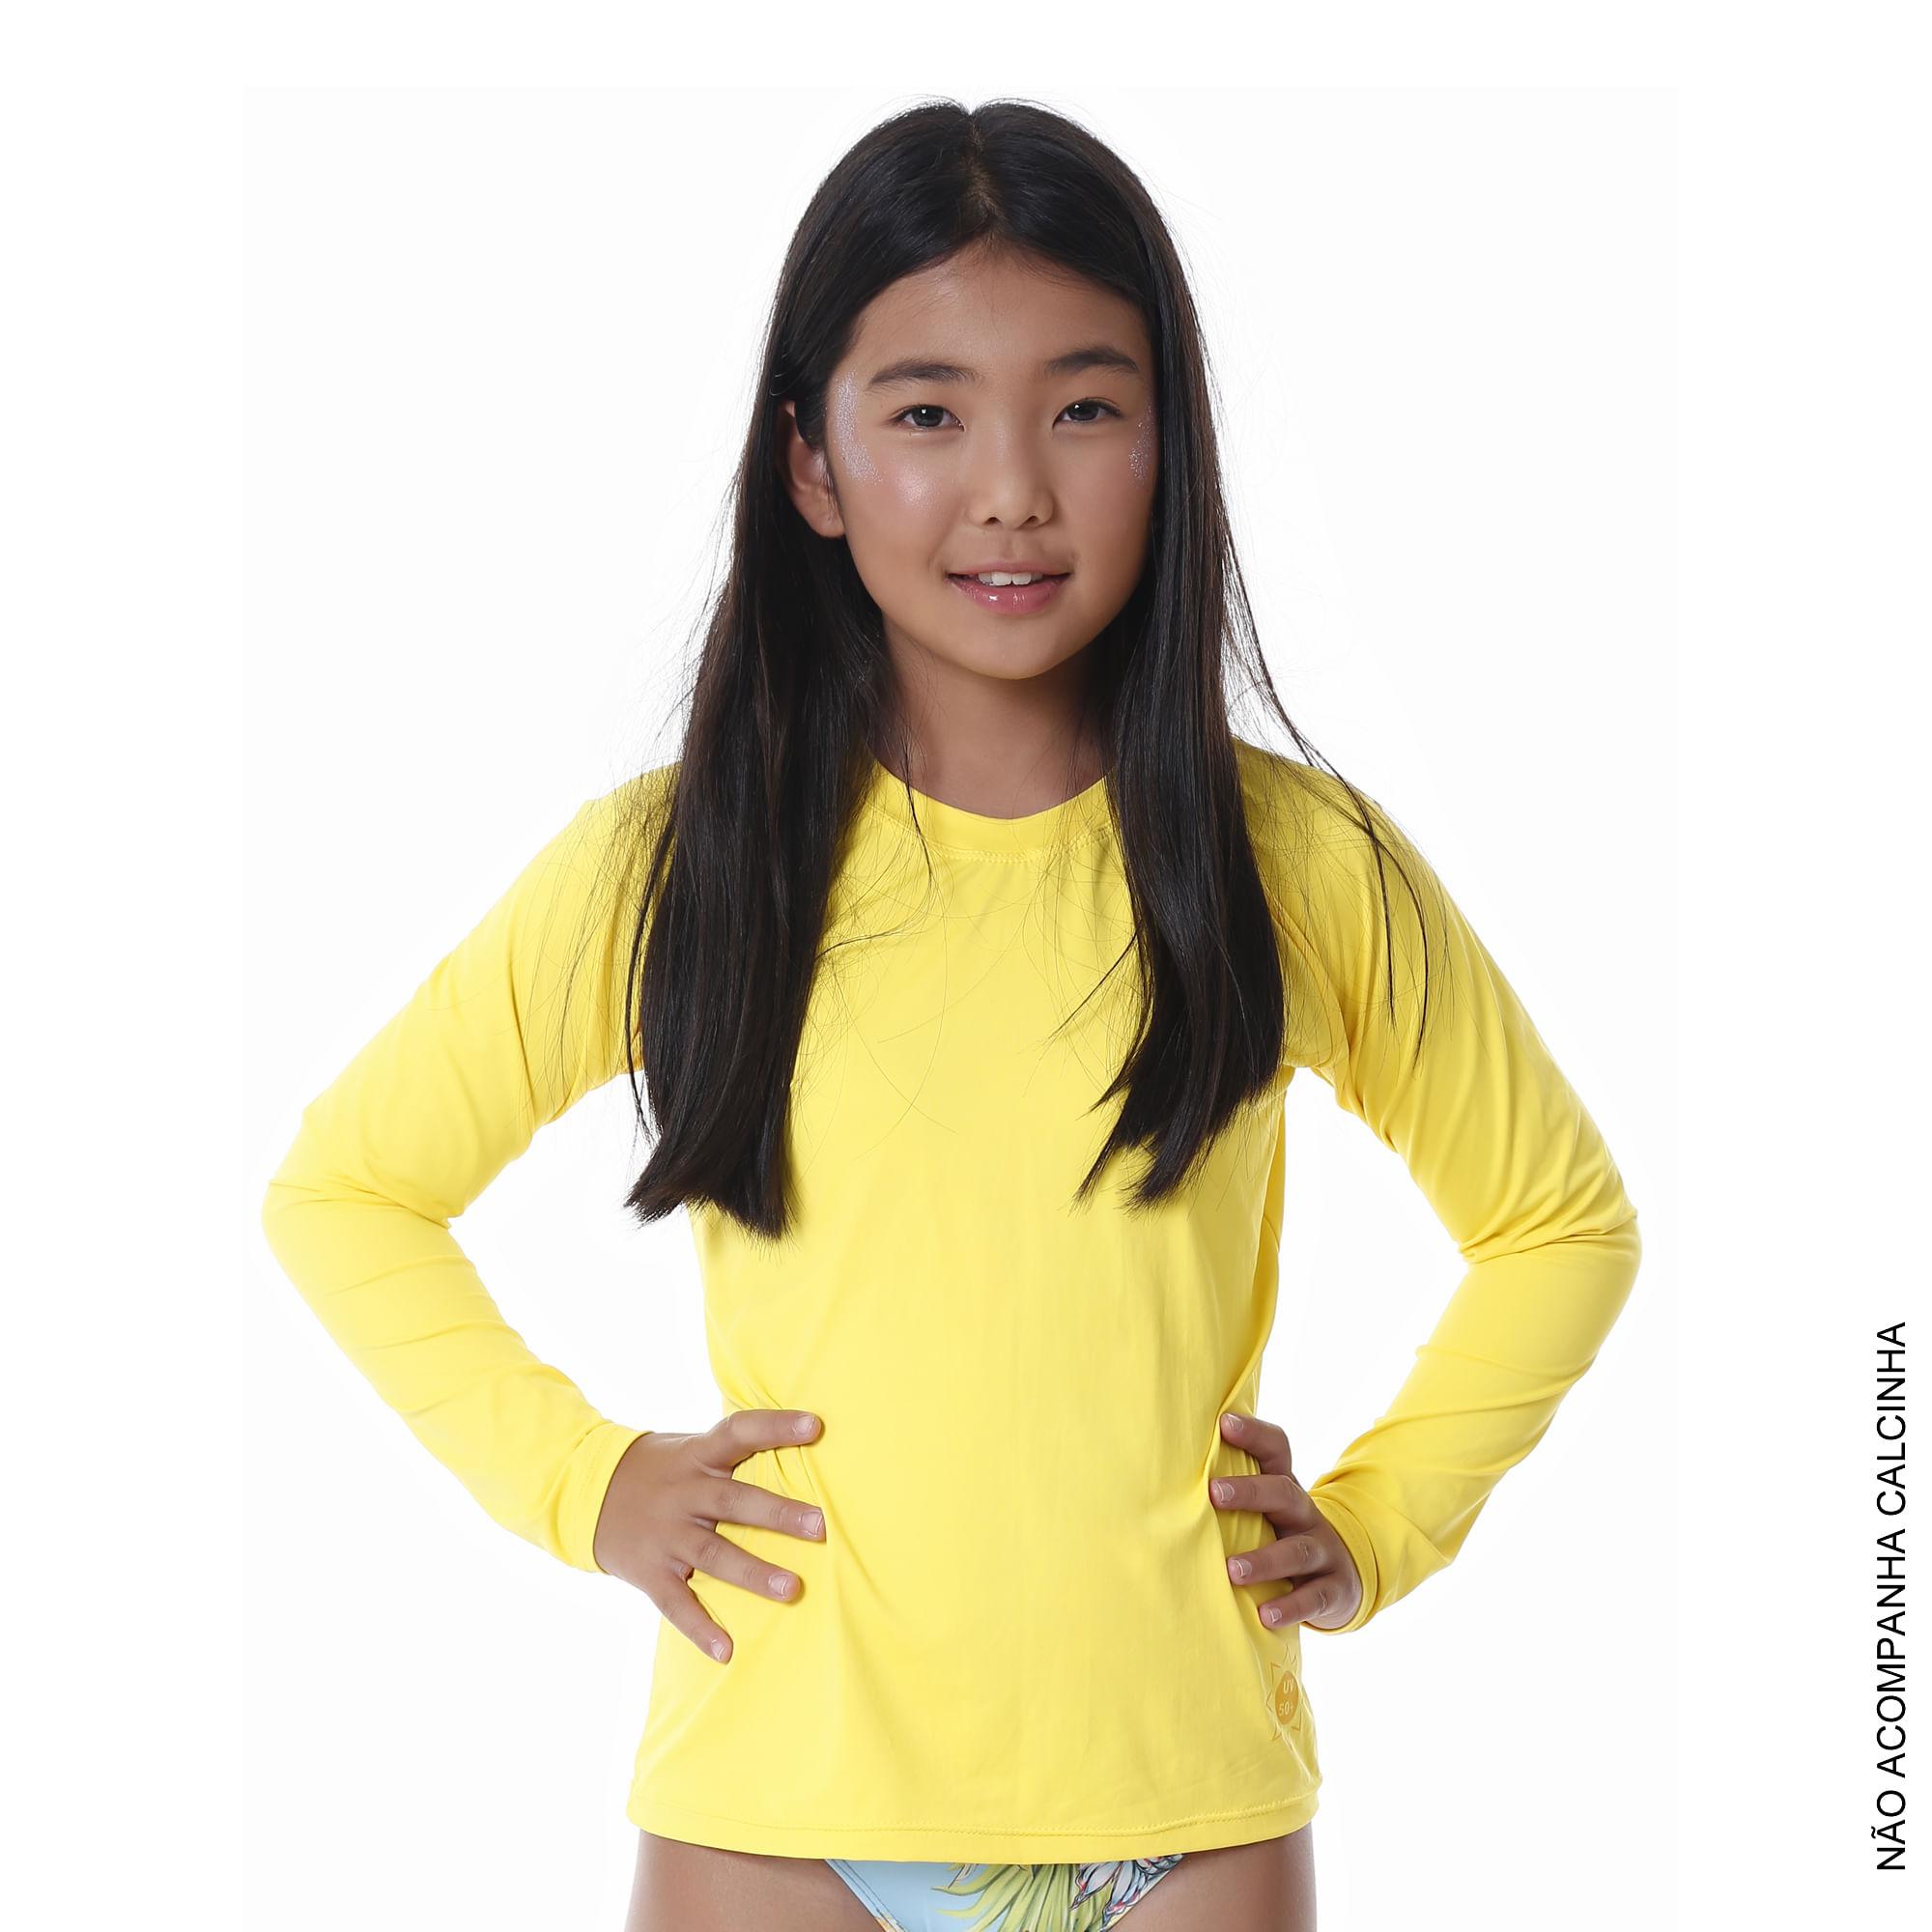 camiseta-infantil-praia-amarela-protecao-solar-unissex-1